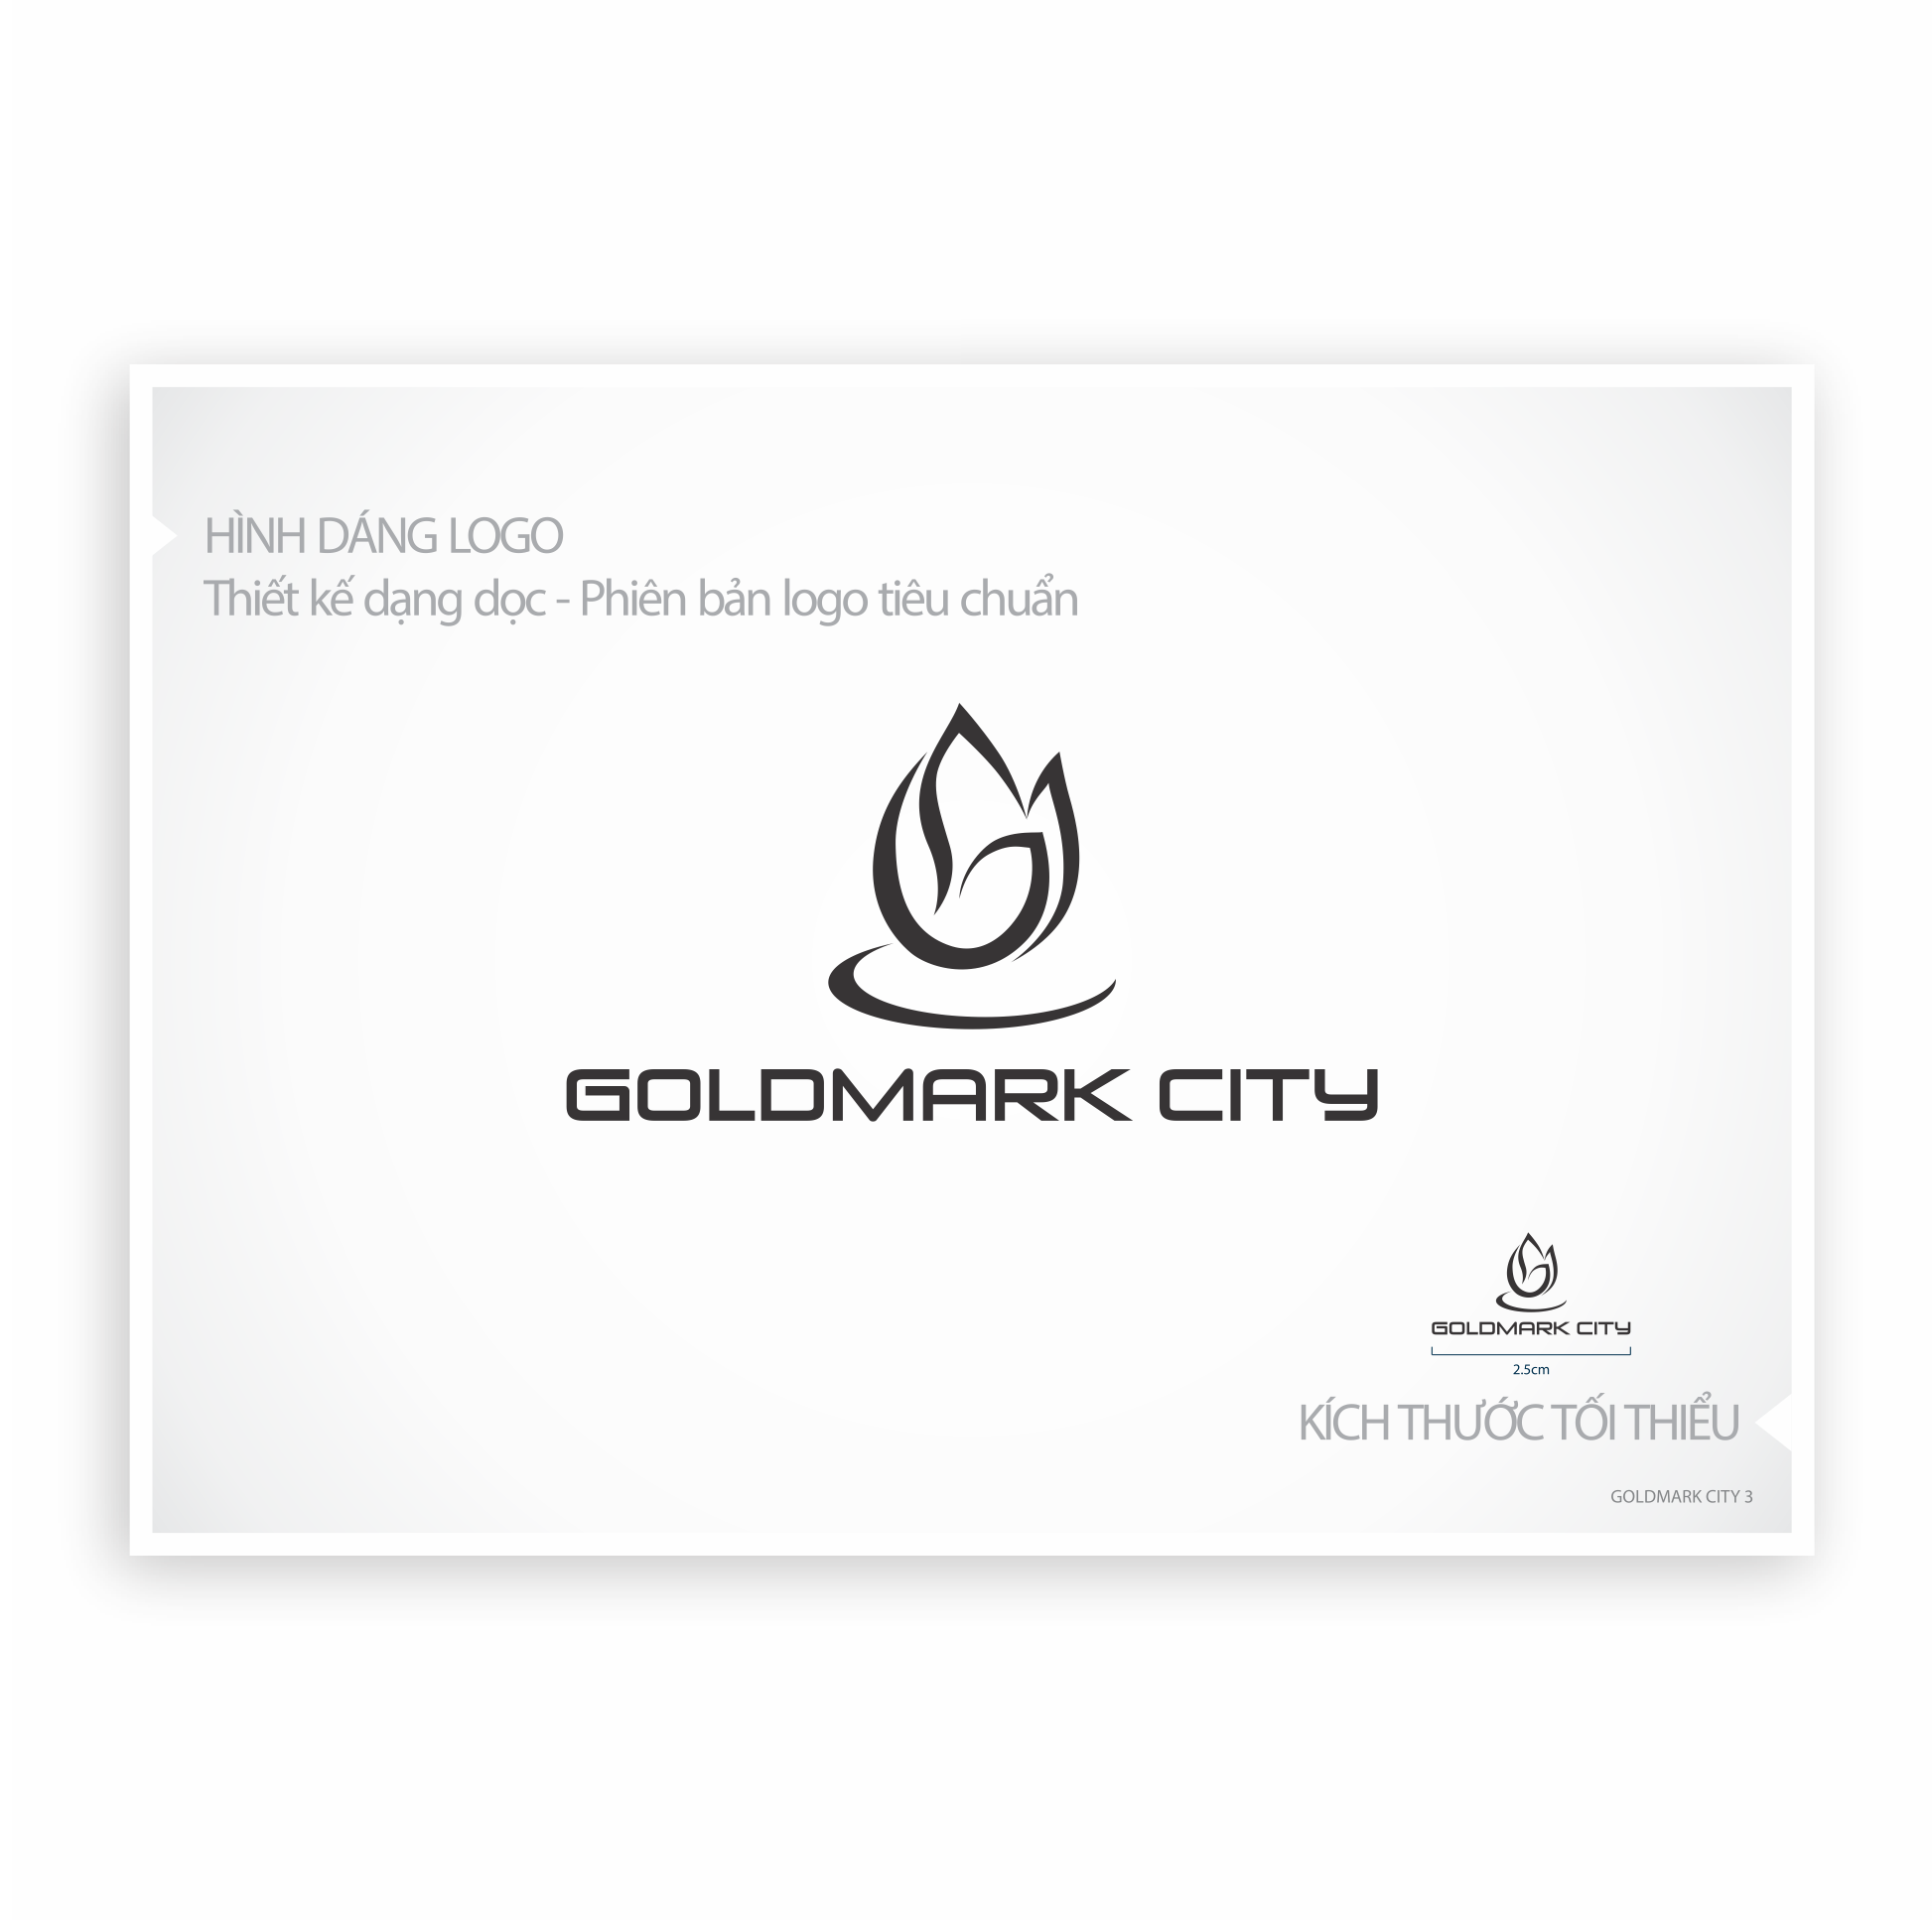 Quy chuẩn thương hiệu Goldmark